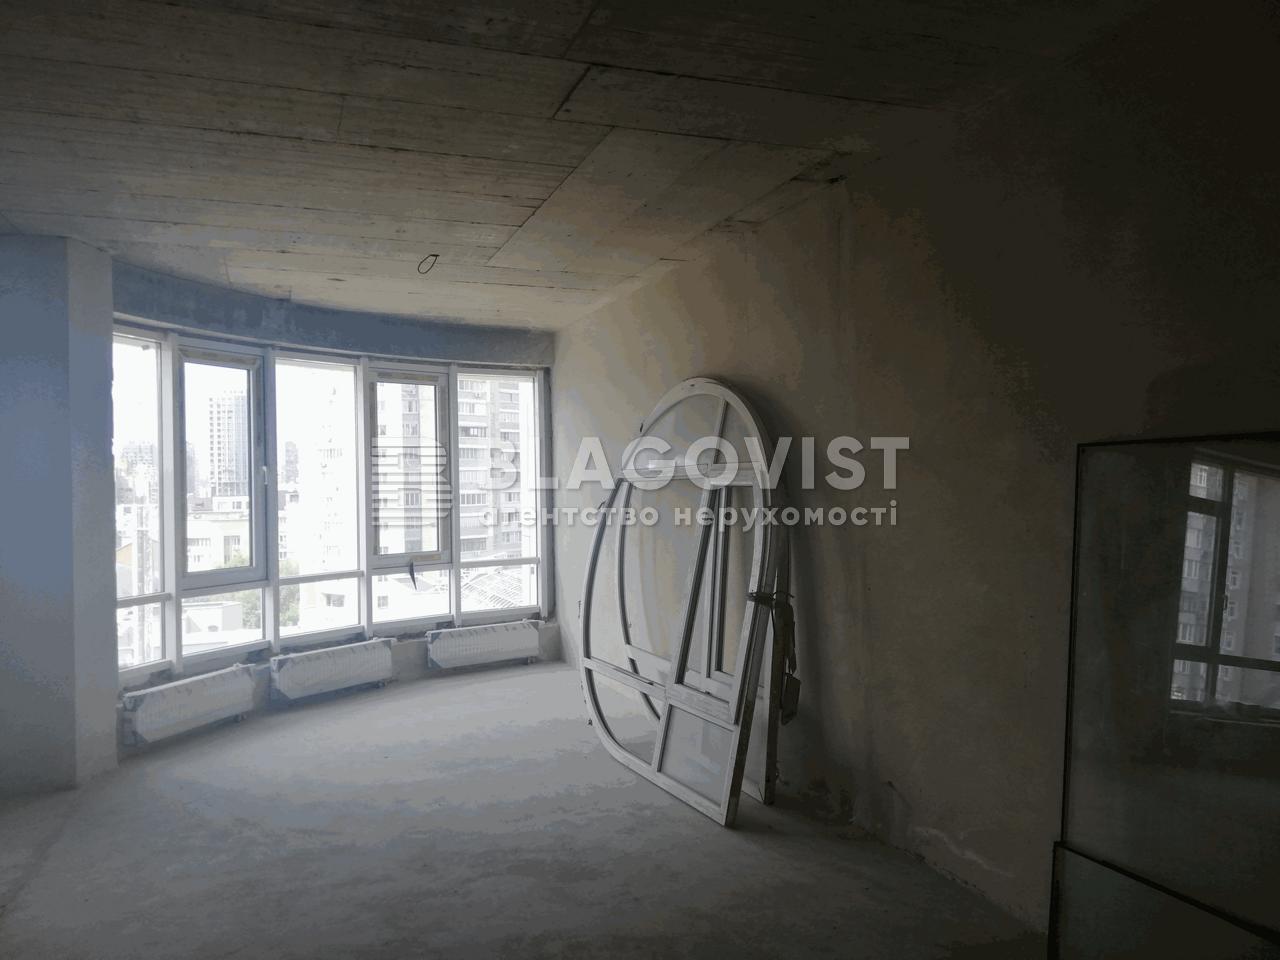 Нежилое помещение, H-45059, Антоновича (Горького), Киев - Фото 11